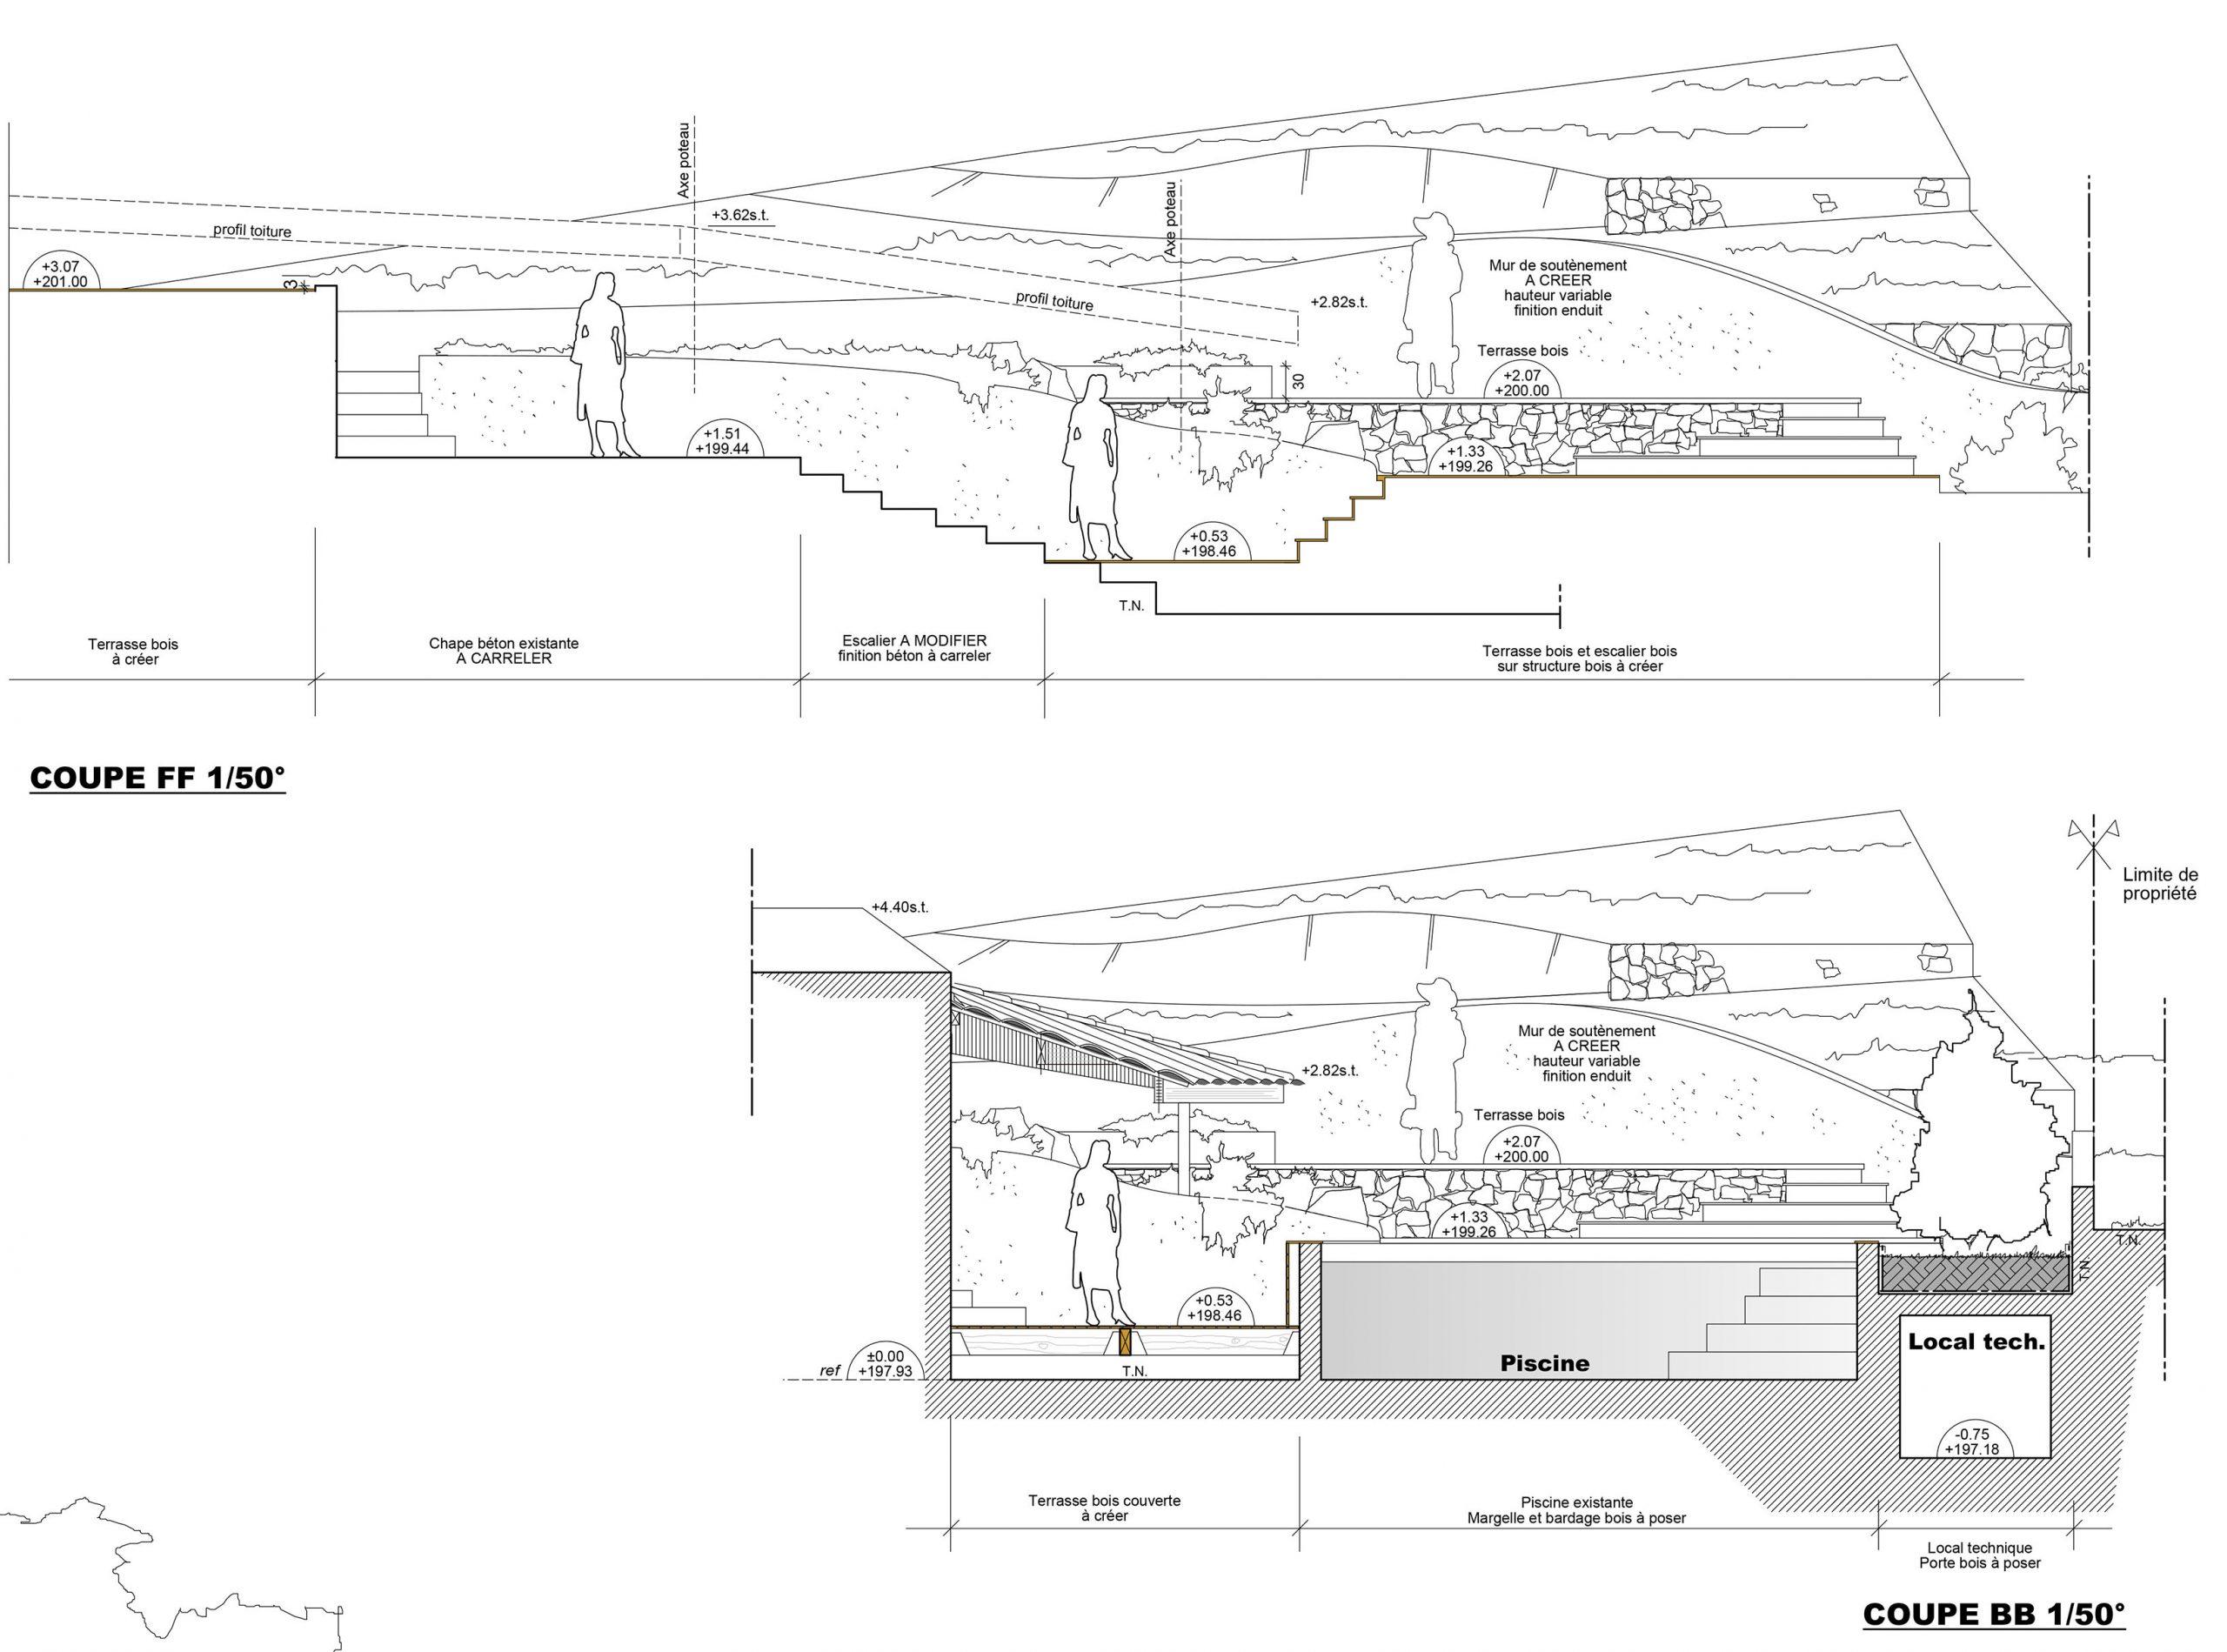 Architecte Plan De Cuques - Rénovation Extension D'une ... concernant Plan De Coupe Piscine